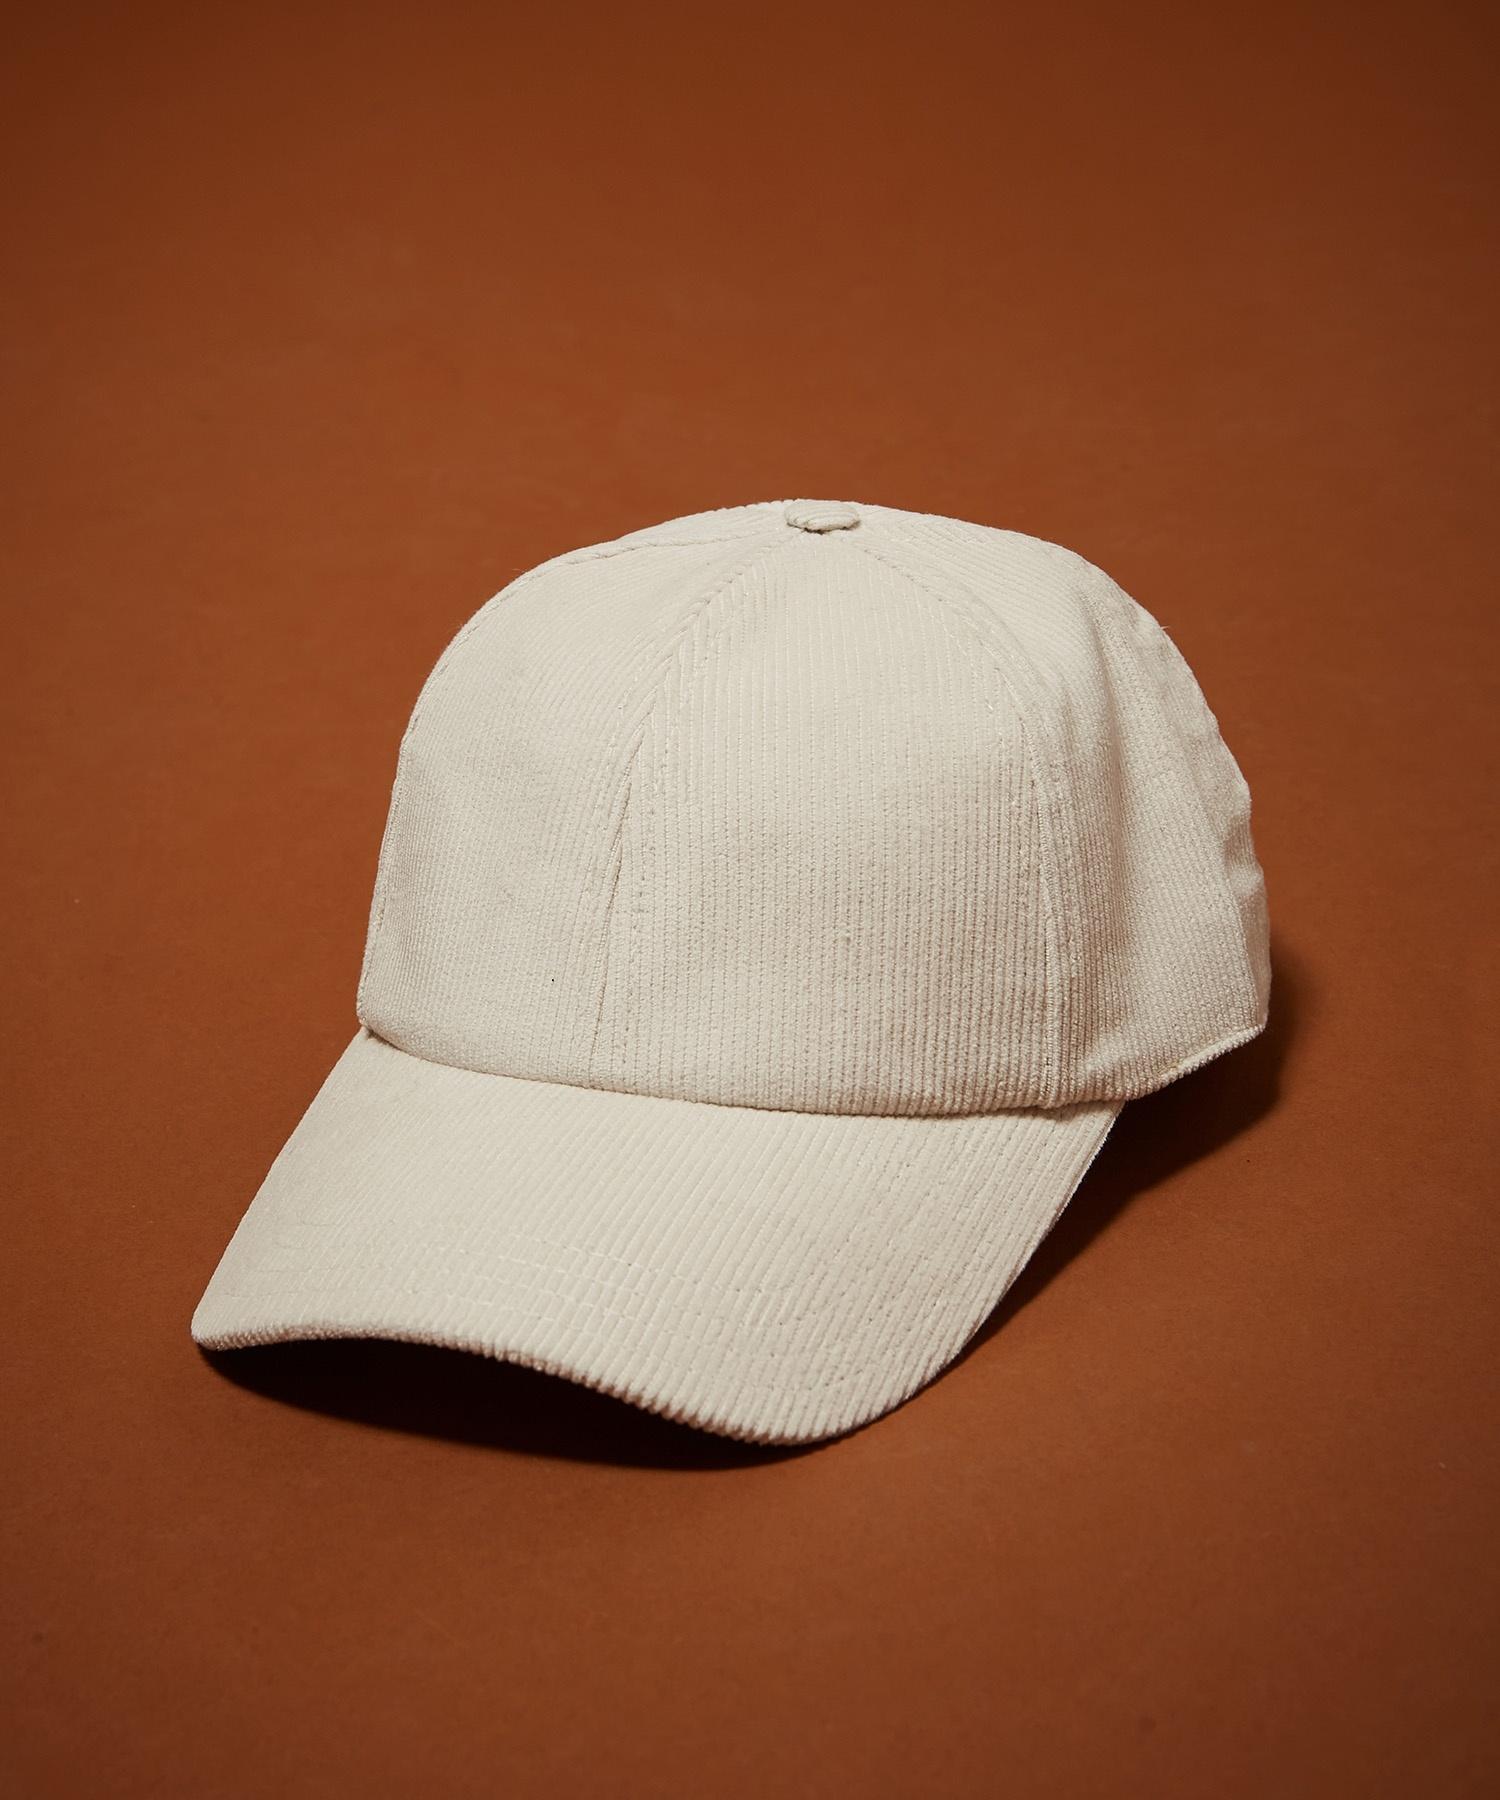 cap off white-2